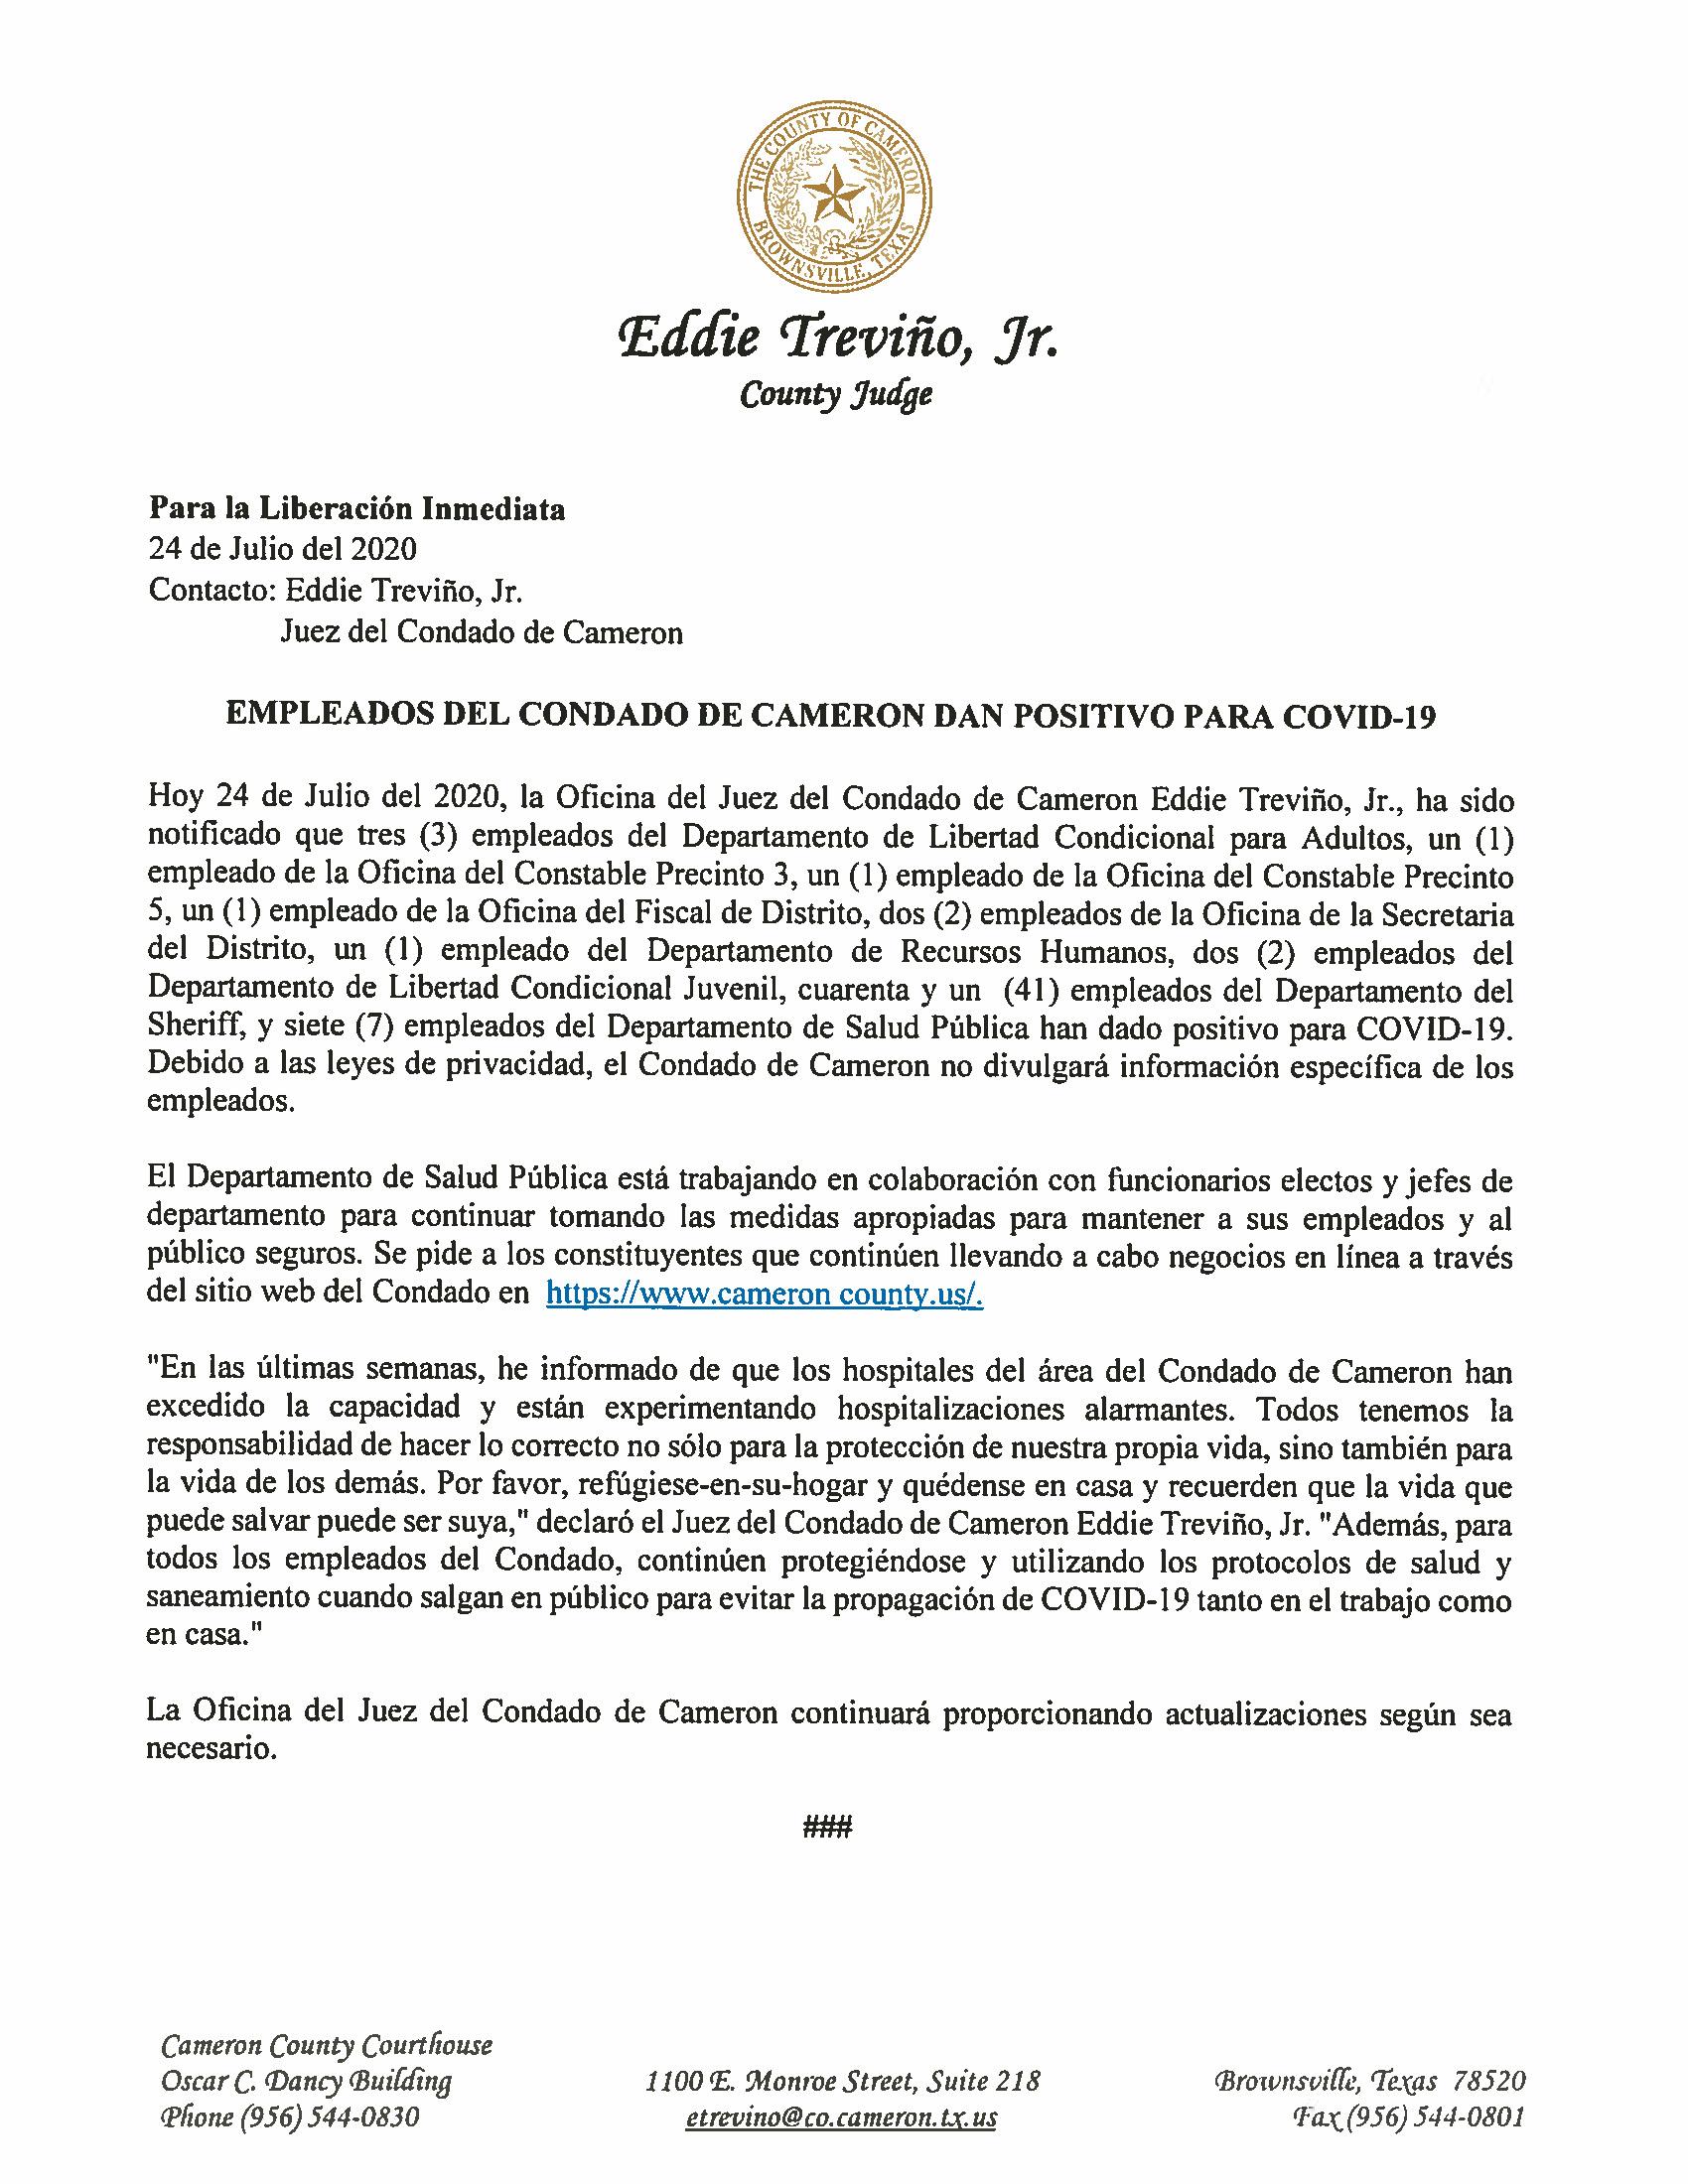 07.24.2020 Empleados Del Condado De Cameron Dan Positivo Para COVID 19